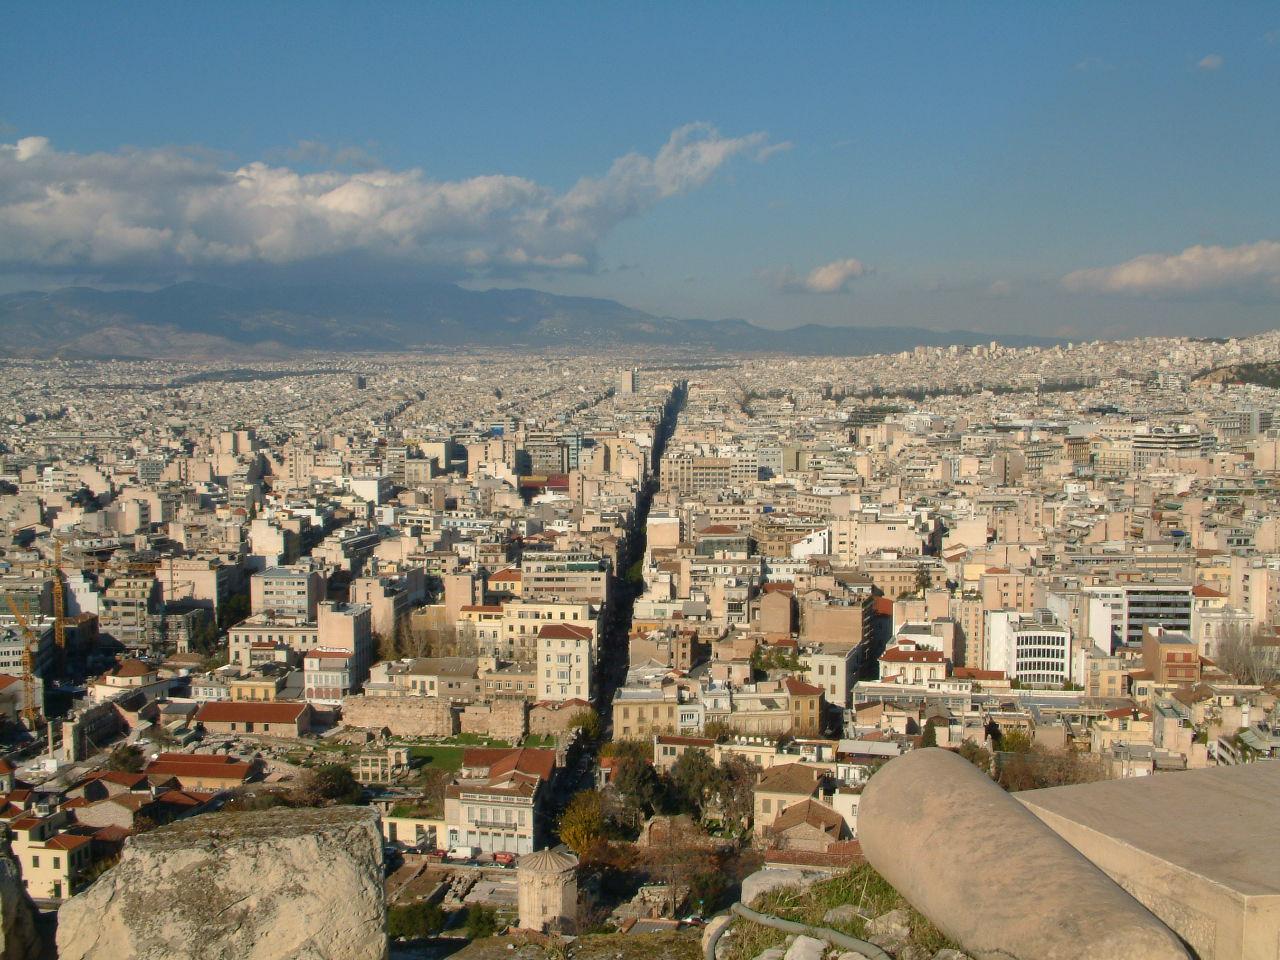 Big city, your so pretty